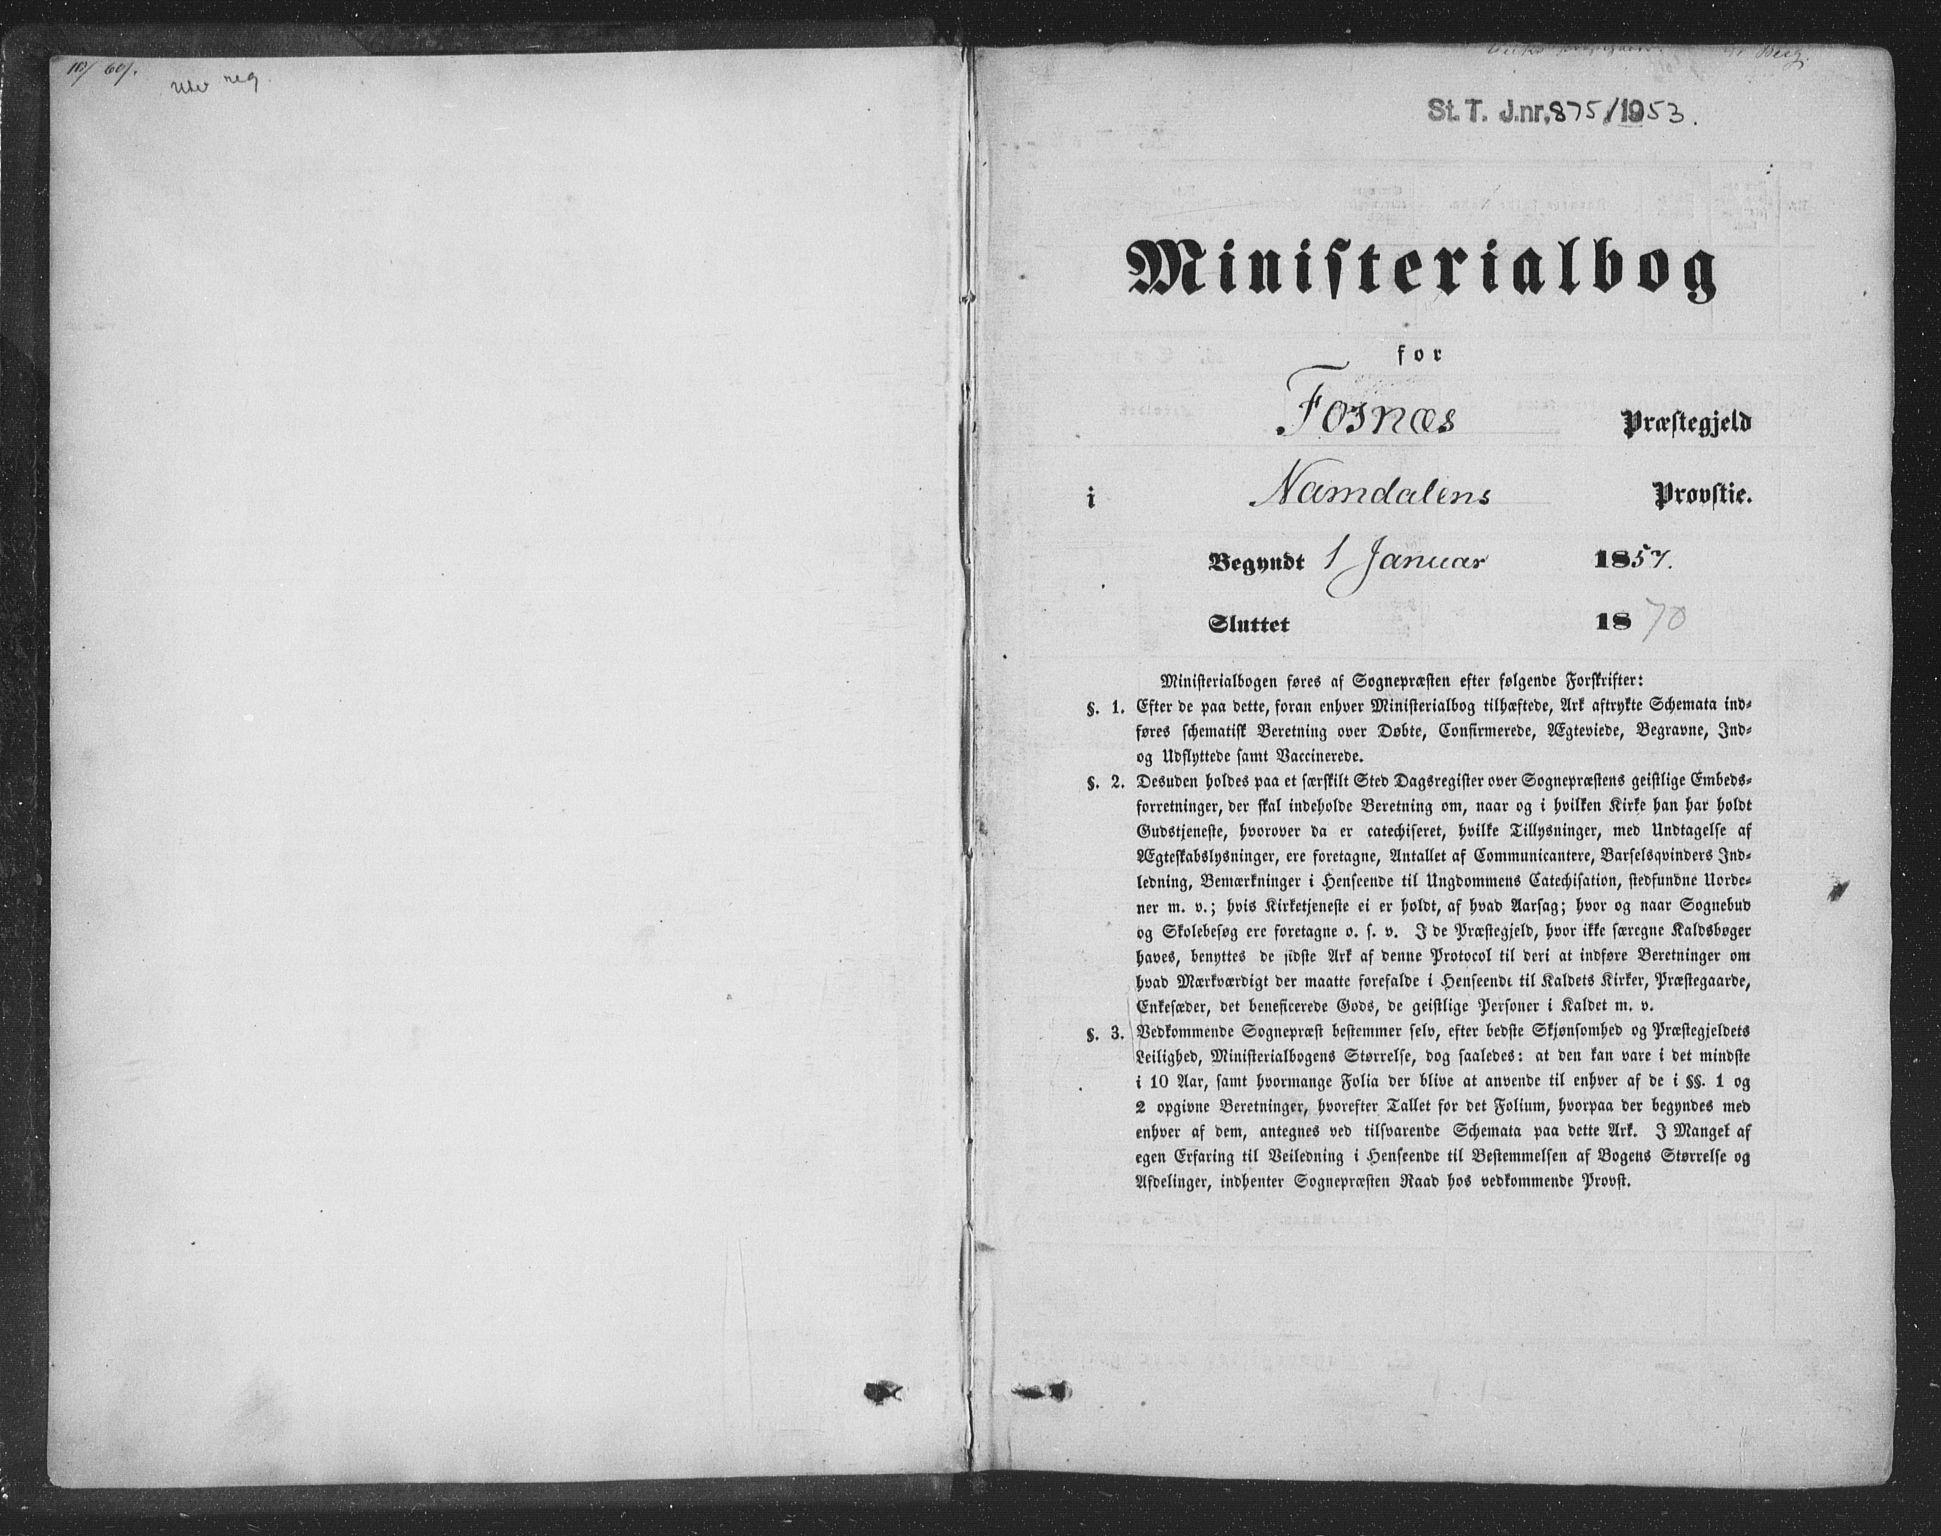 SAT, Ministerialprotokoller, klokkerbøker og fødselsregistre - Nord-Trøndelag, 773/L0615: Ministerialbok nr. 773A06, 1857-1870